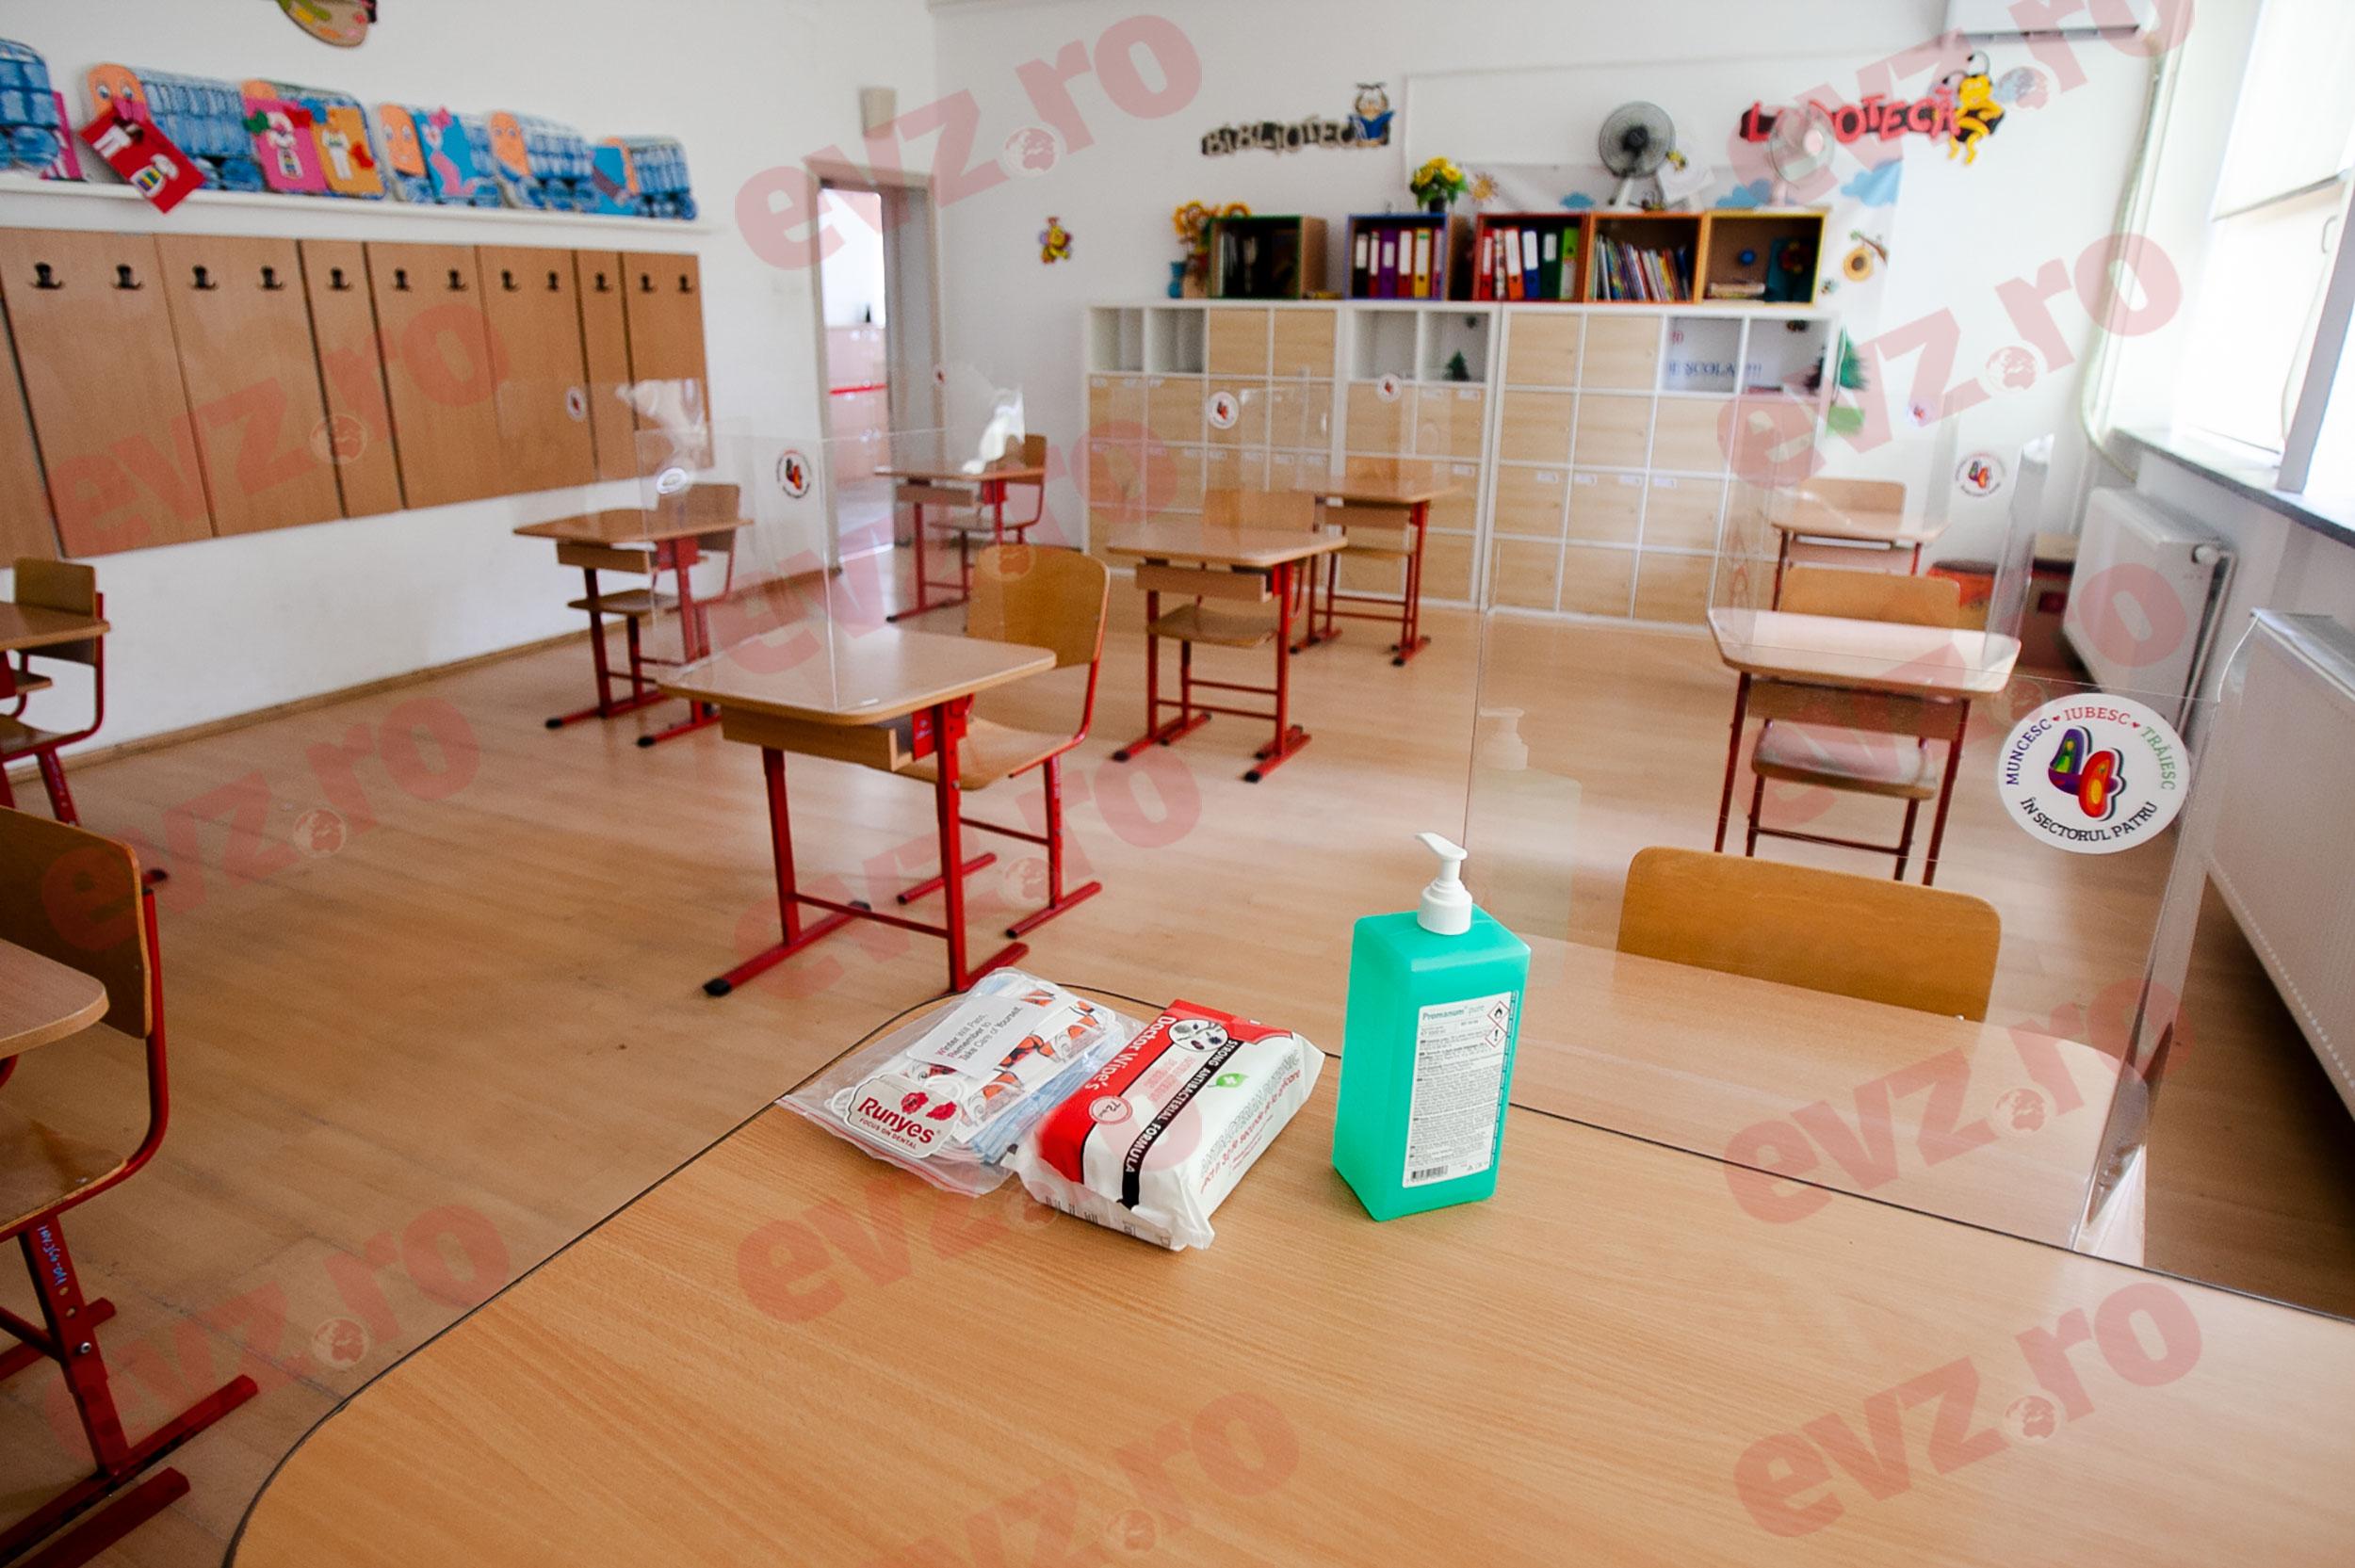 Alertă pentru școlari. Vacanța Mare, mutată: Liber până după Anul Nou! Iar la vară,cursuri